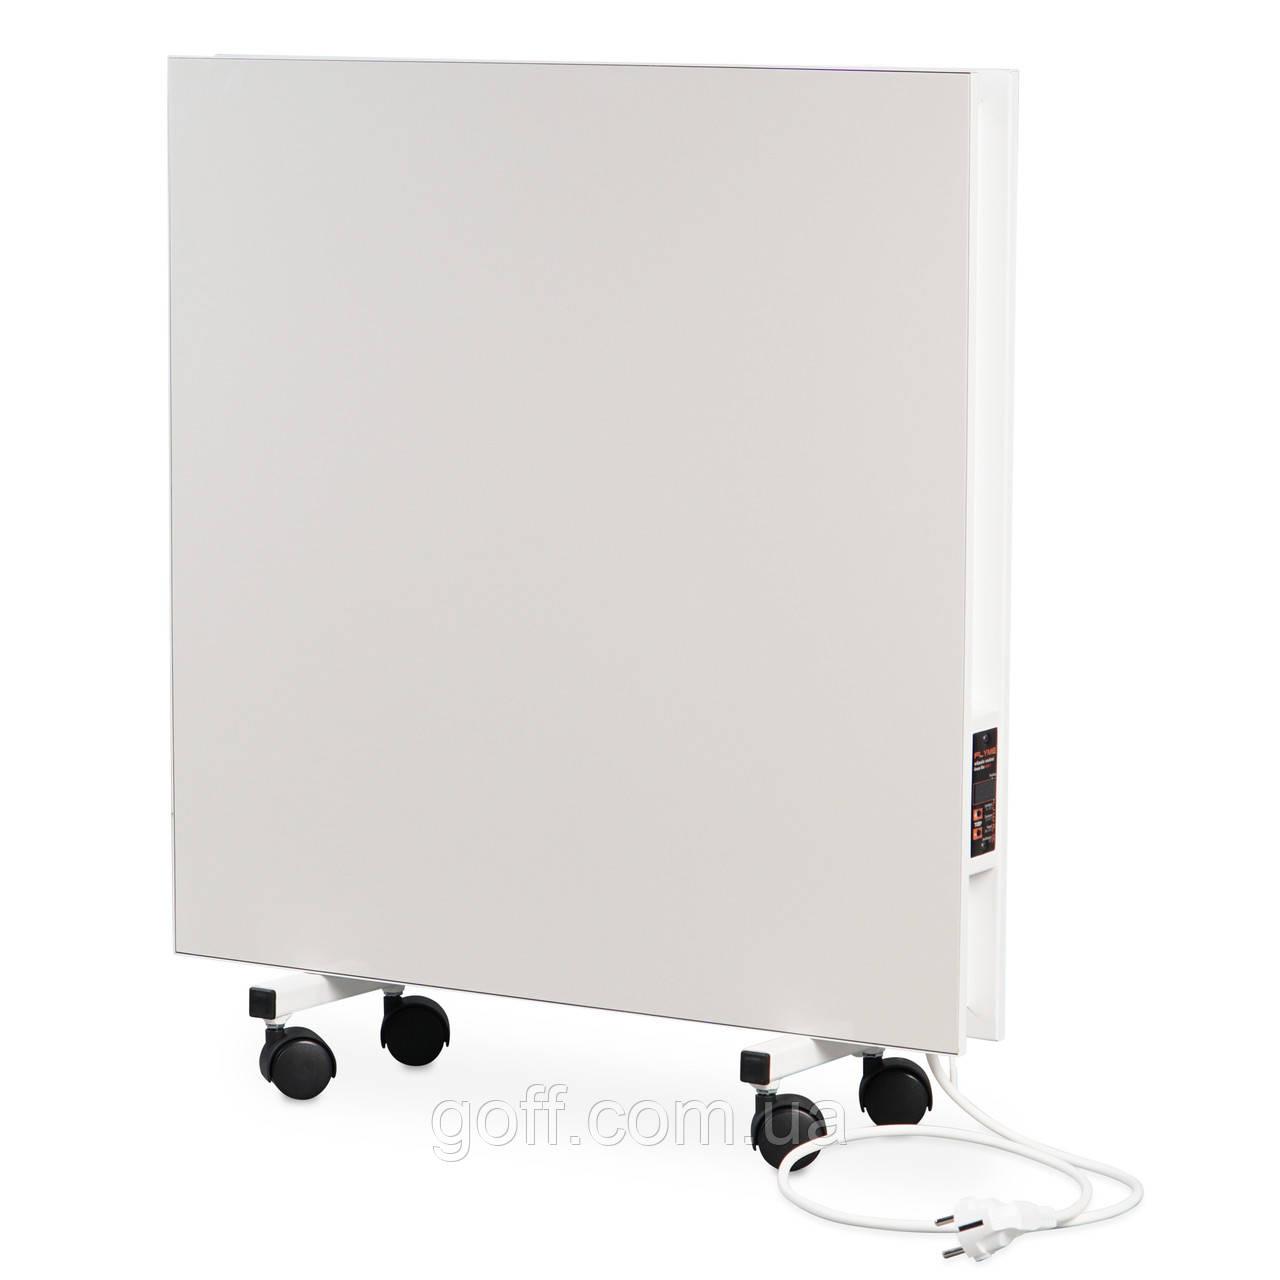 Подвійний керамічний обігрівач з програматором та ніжками Flyme 800PW білий, фото 1